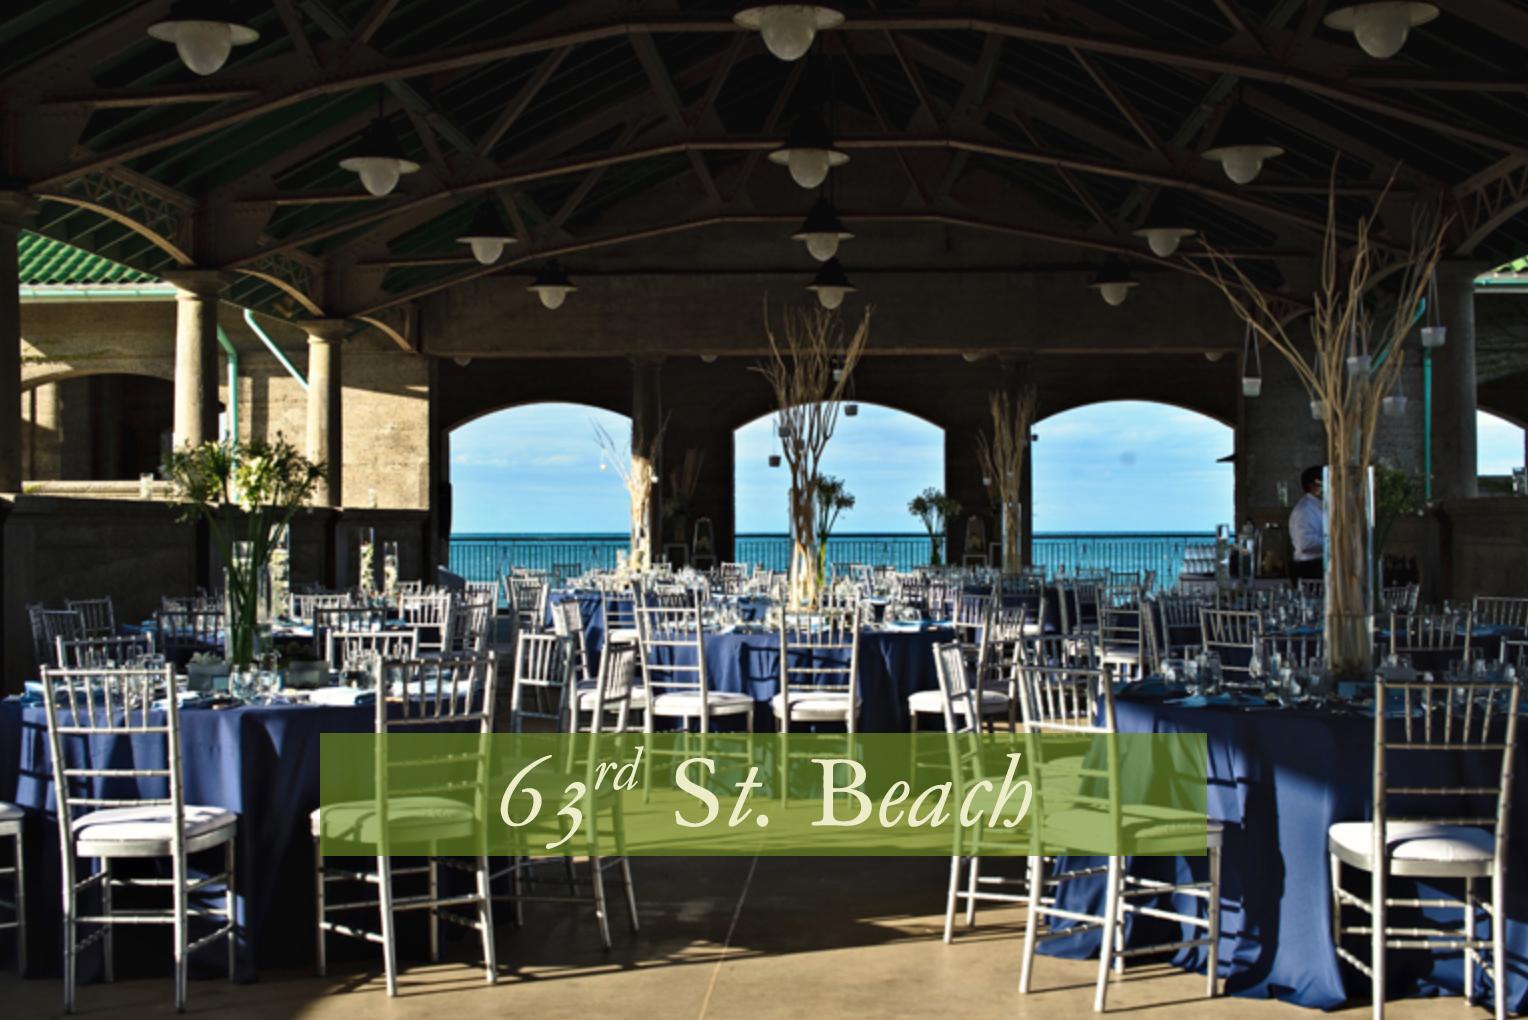 63rd St. Beach.jpg